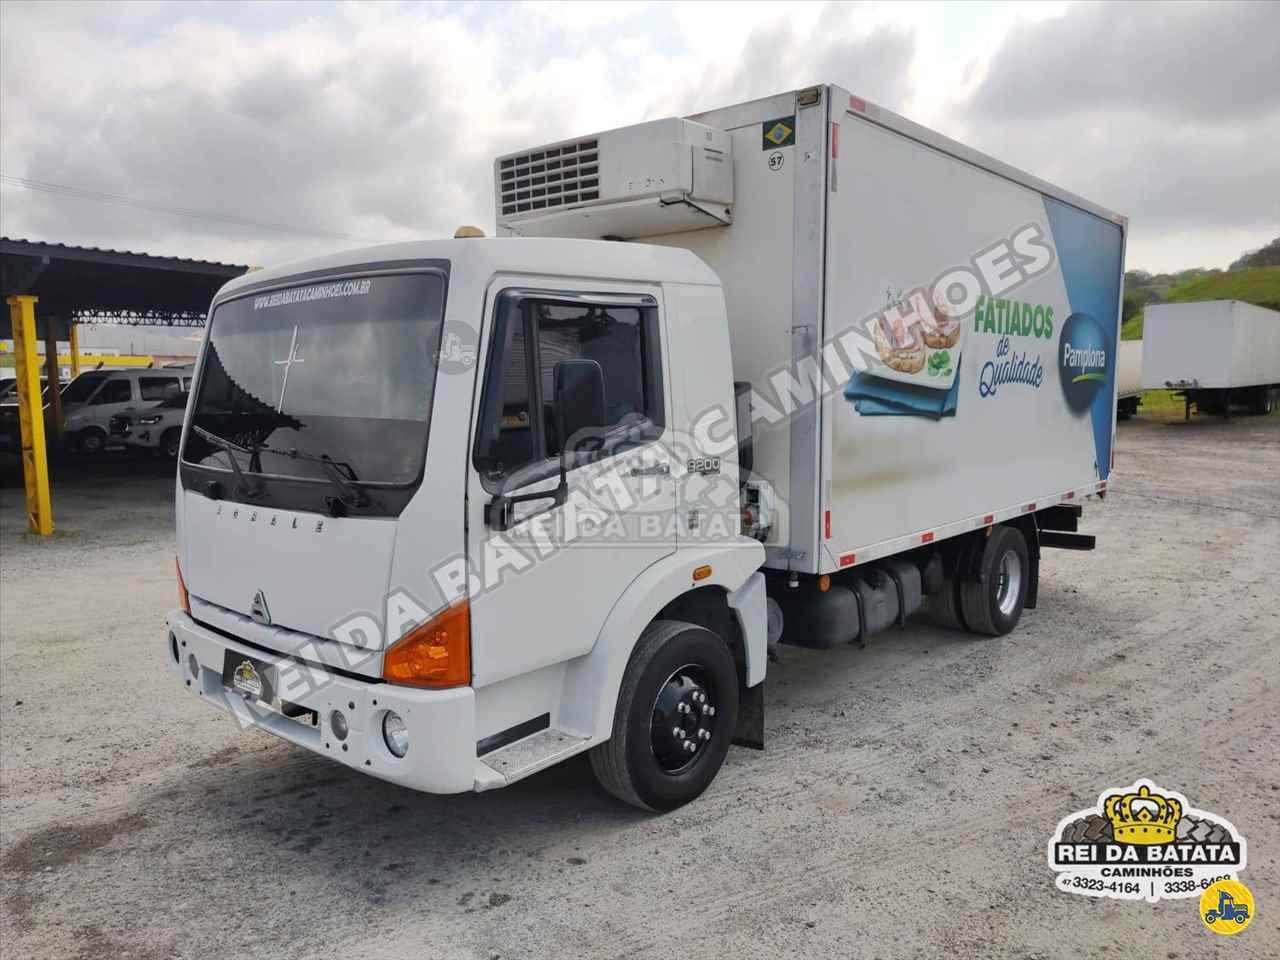 AGRALE 9200 de Rei da Batata Caminhões - BLUMENAU/SC